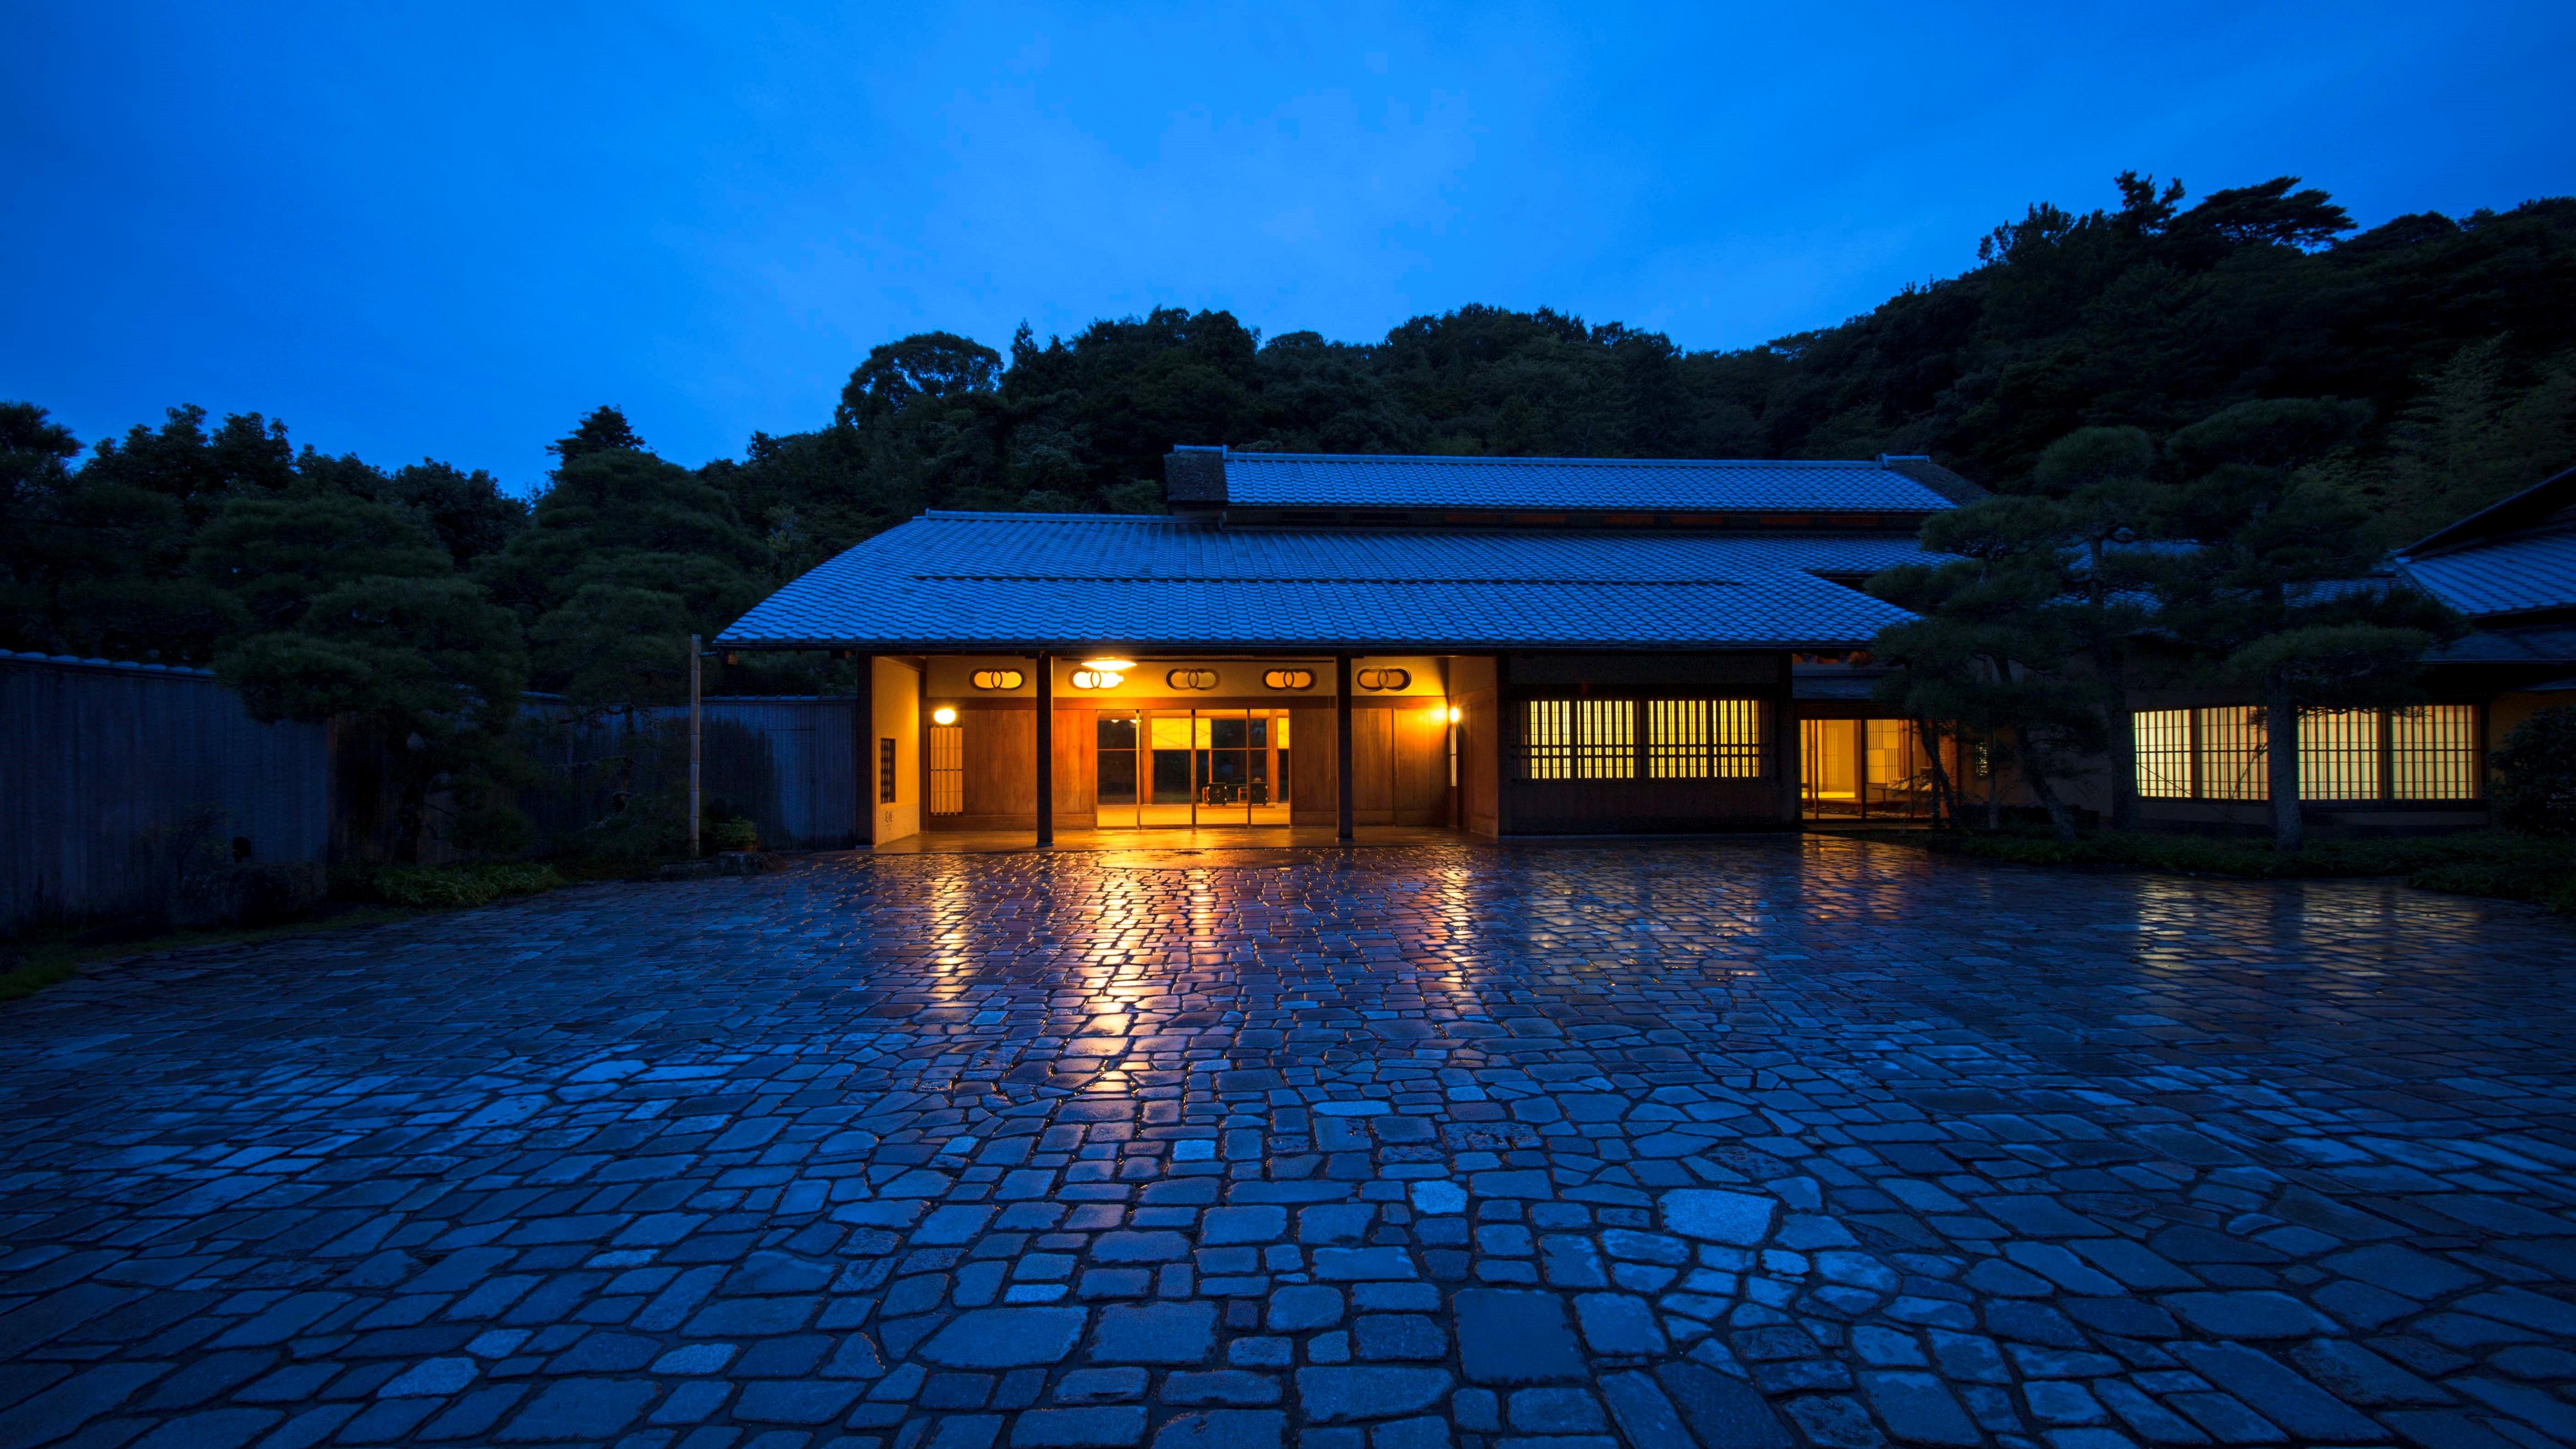 伊豆長岡温泉 三養荘(プリンスホテル&リゾーツ)